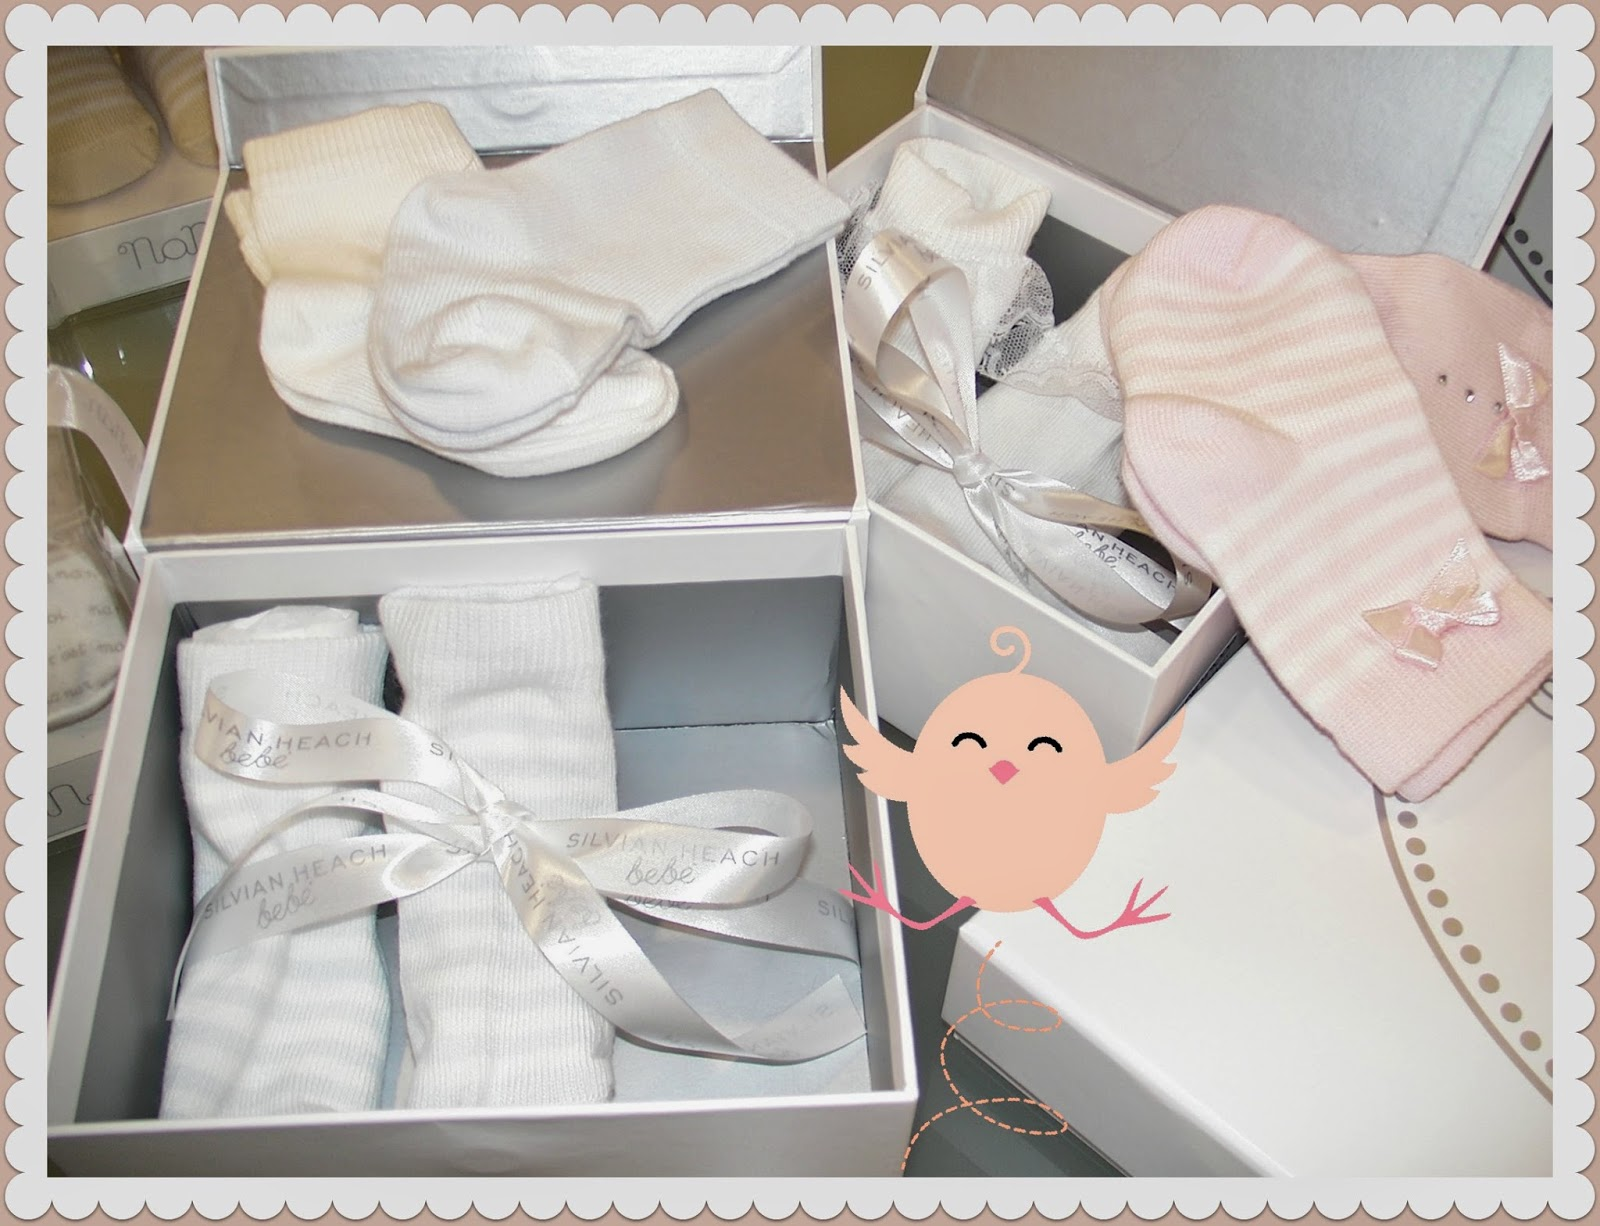 Nanan confezioni regalo da Minimoda